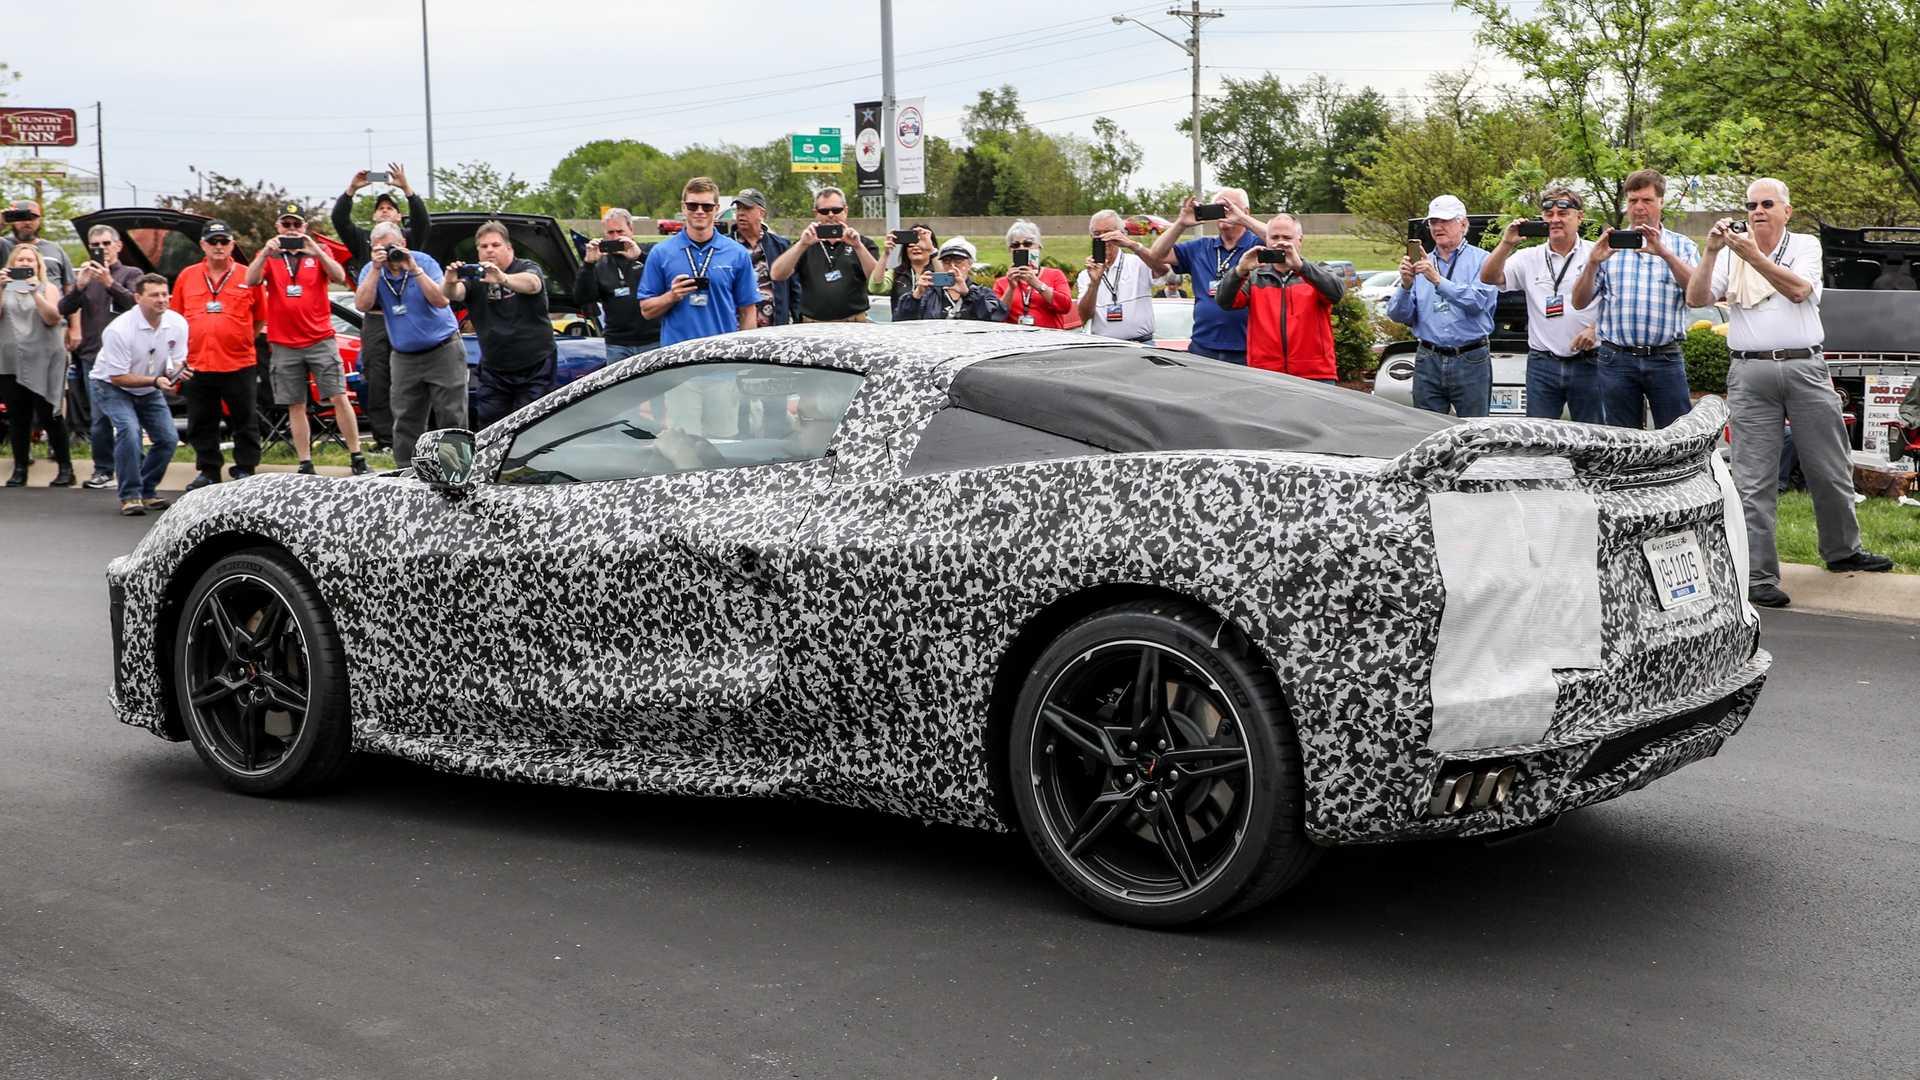 Новое поколение купе Corvette демонстрирует прекрасный звук мощного V8